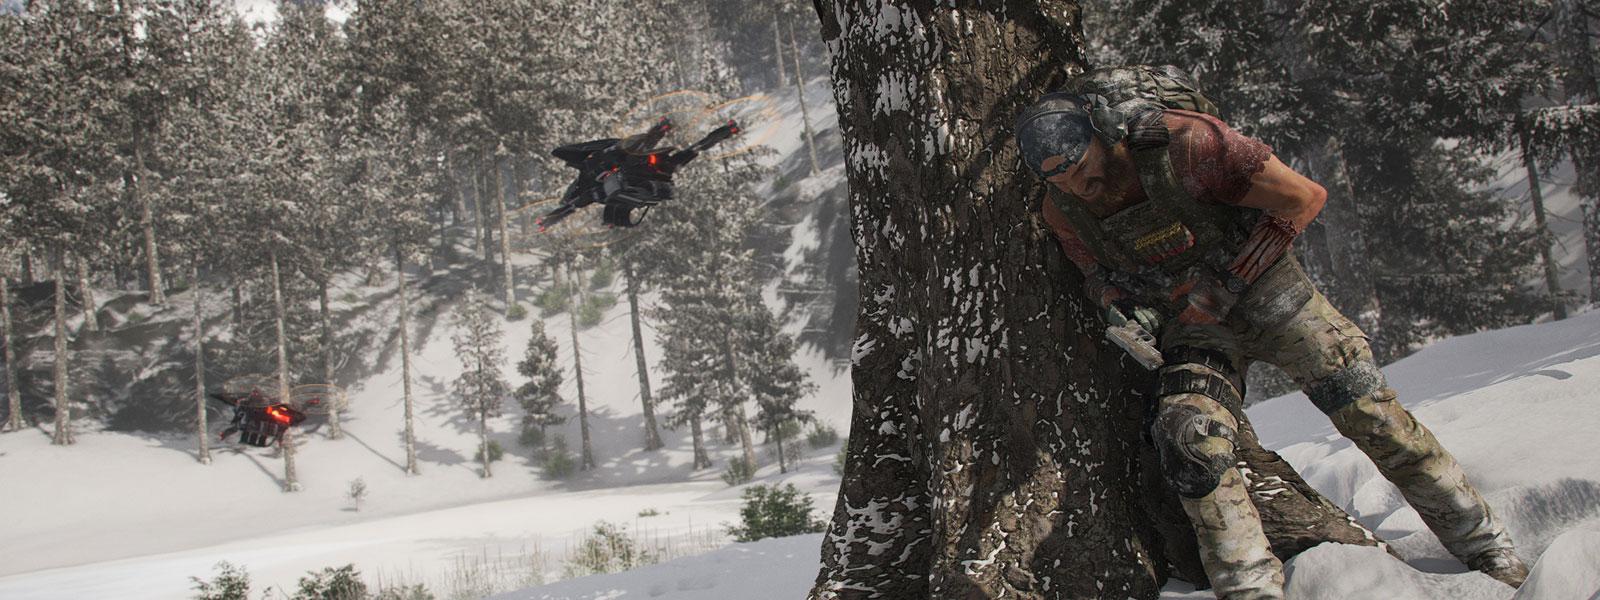 全副武装的角色躲在一棵树后面,两架无人机在雪景中